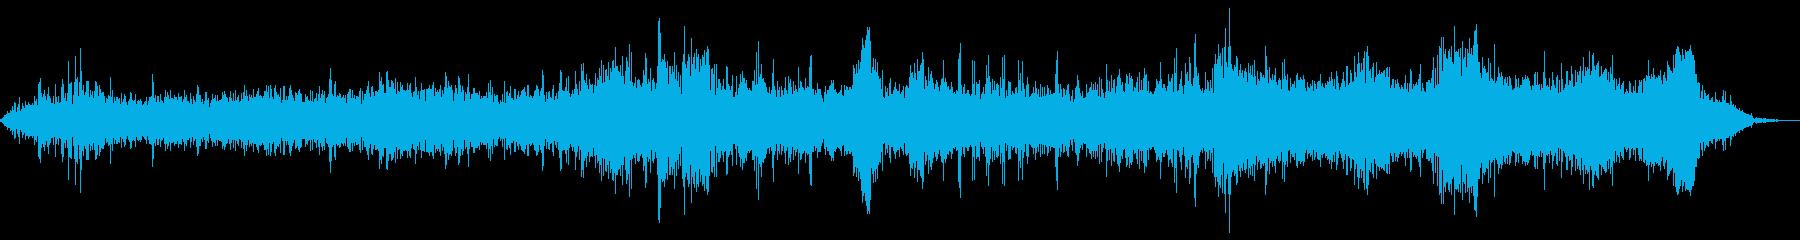 ハーレーの大規模なグループ:アイド...の再生済みの波形